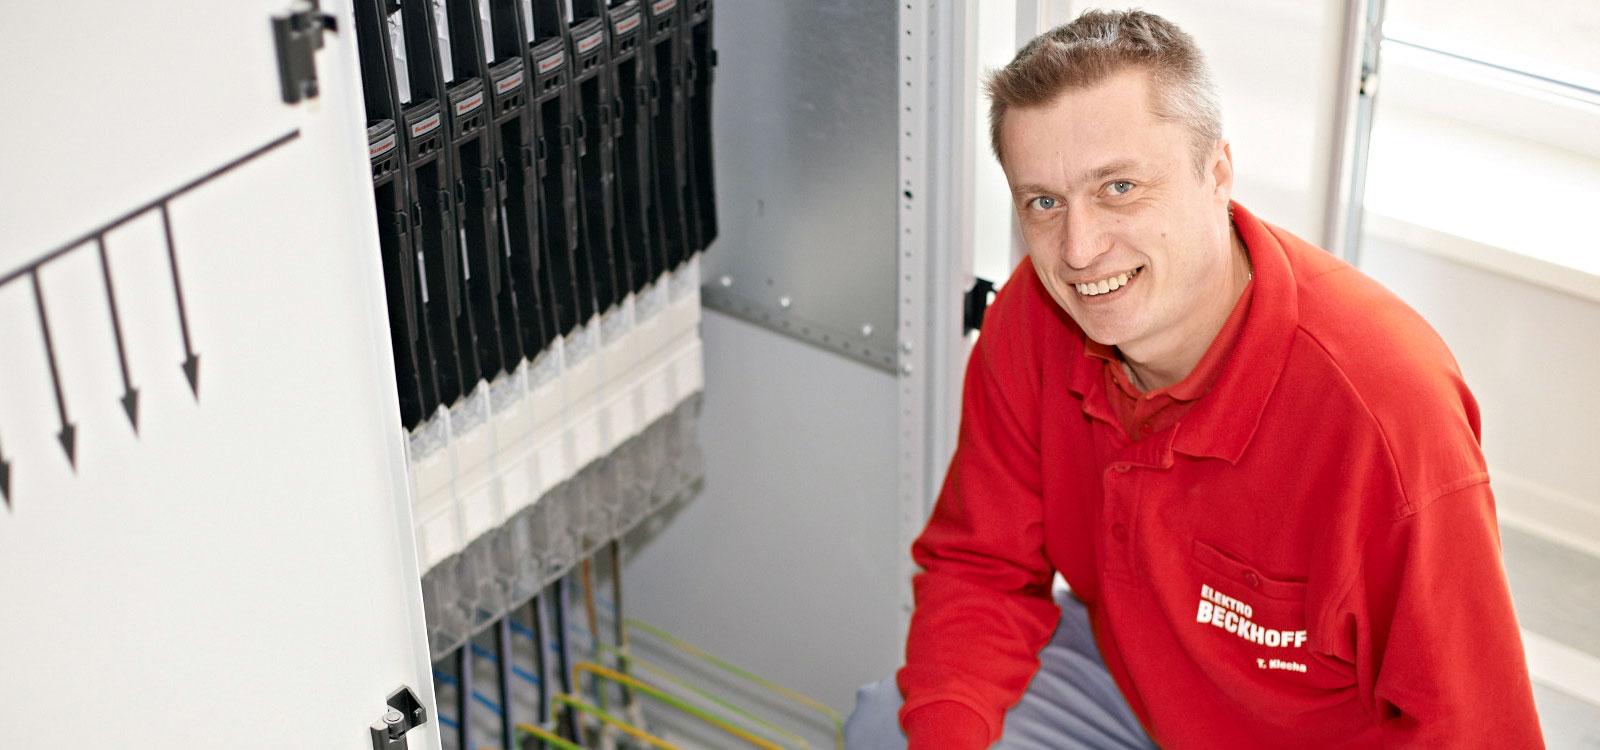 Elektroniker (m/w) - Energie- und Gebäudetechnik in Bielefeld